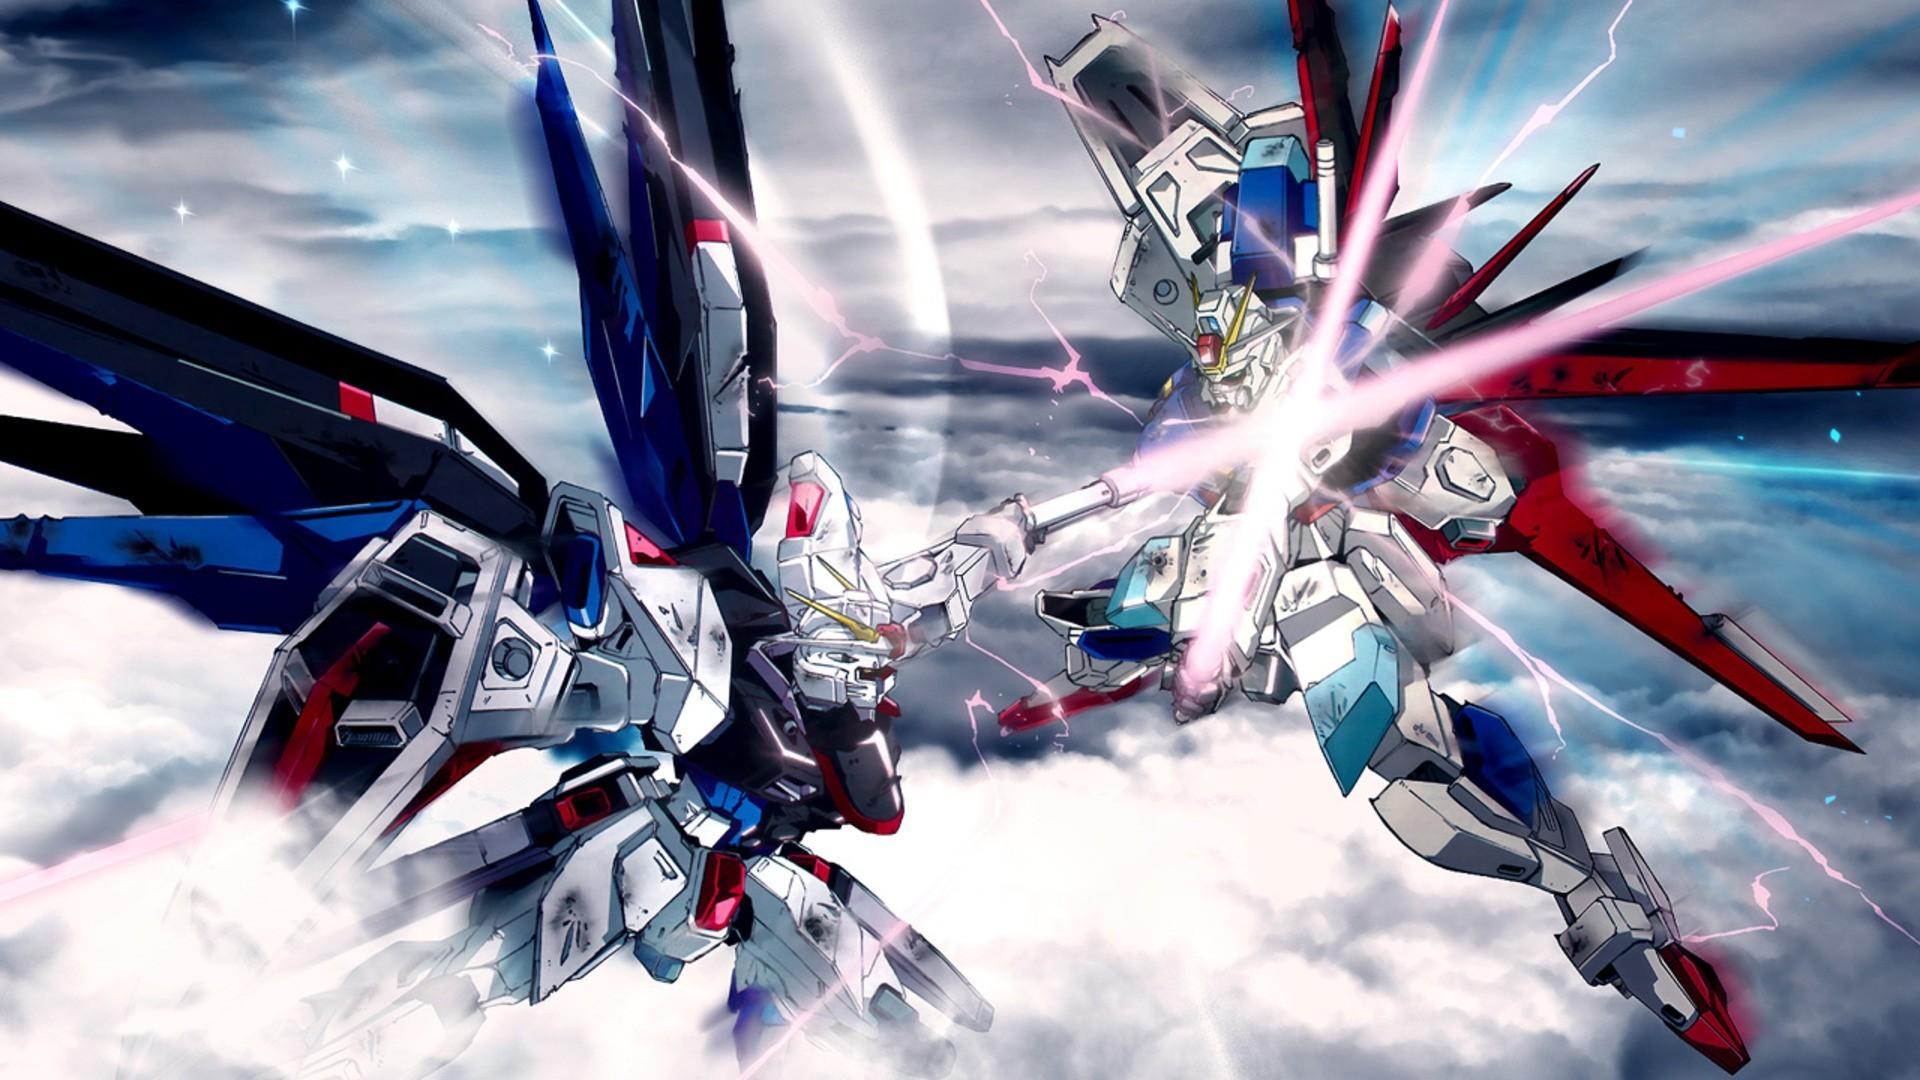 Mobile Suit Gundam Wallpaper - WallpaperSafari